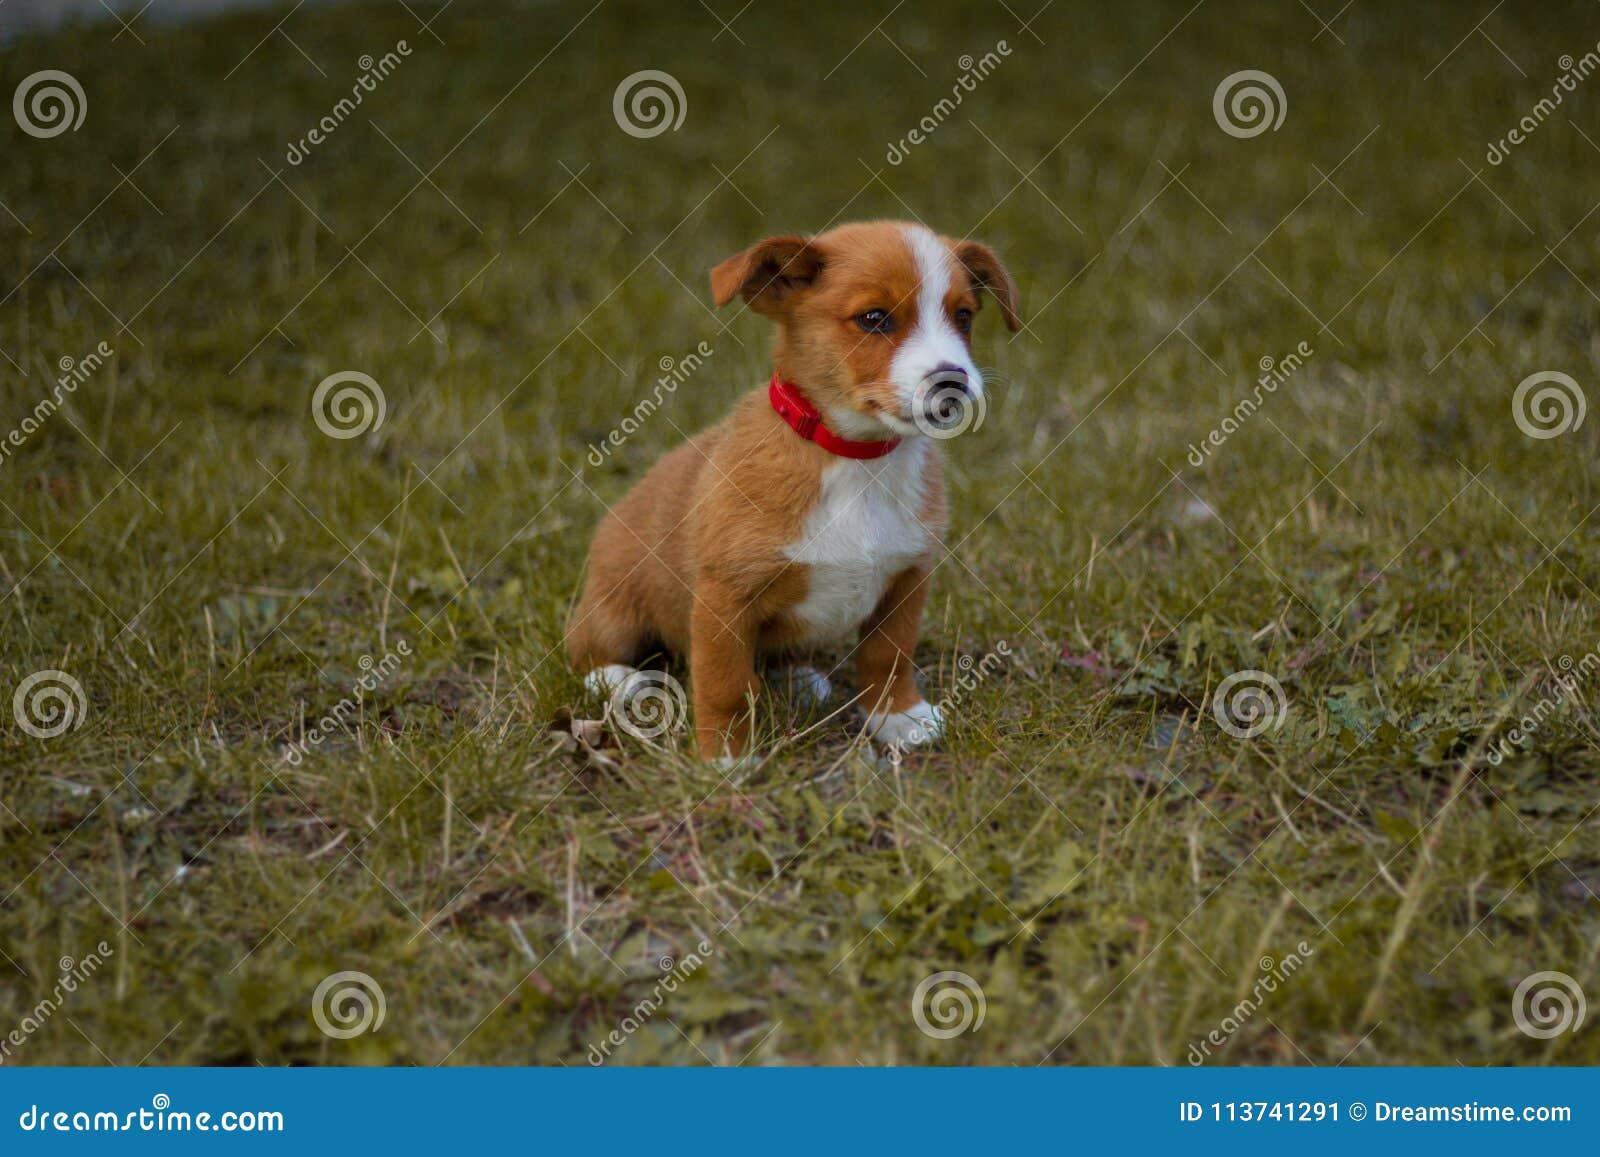 Chien, animal familier, animal, chiot, terrier, mignon, terrier de Russell de cric, briquet, canine, herbe, blanc, brun, cric, Ru